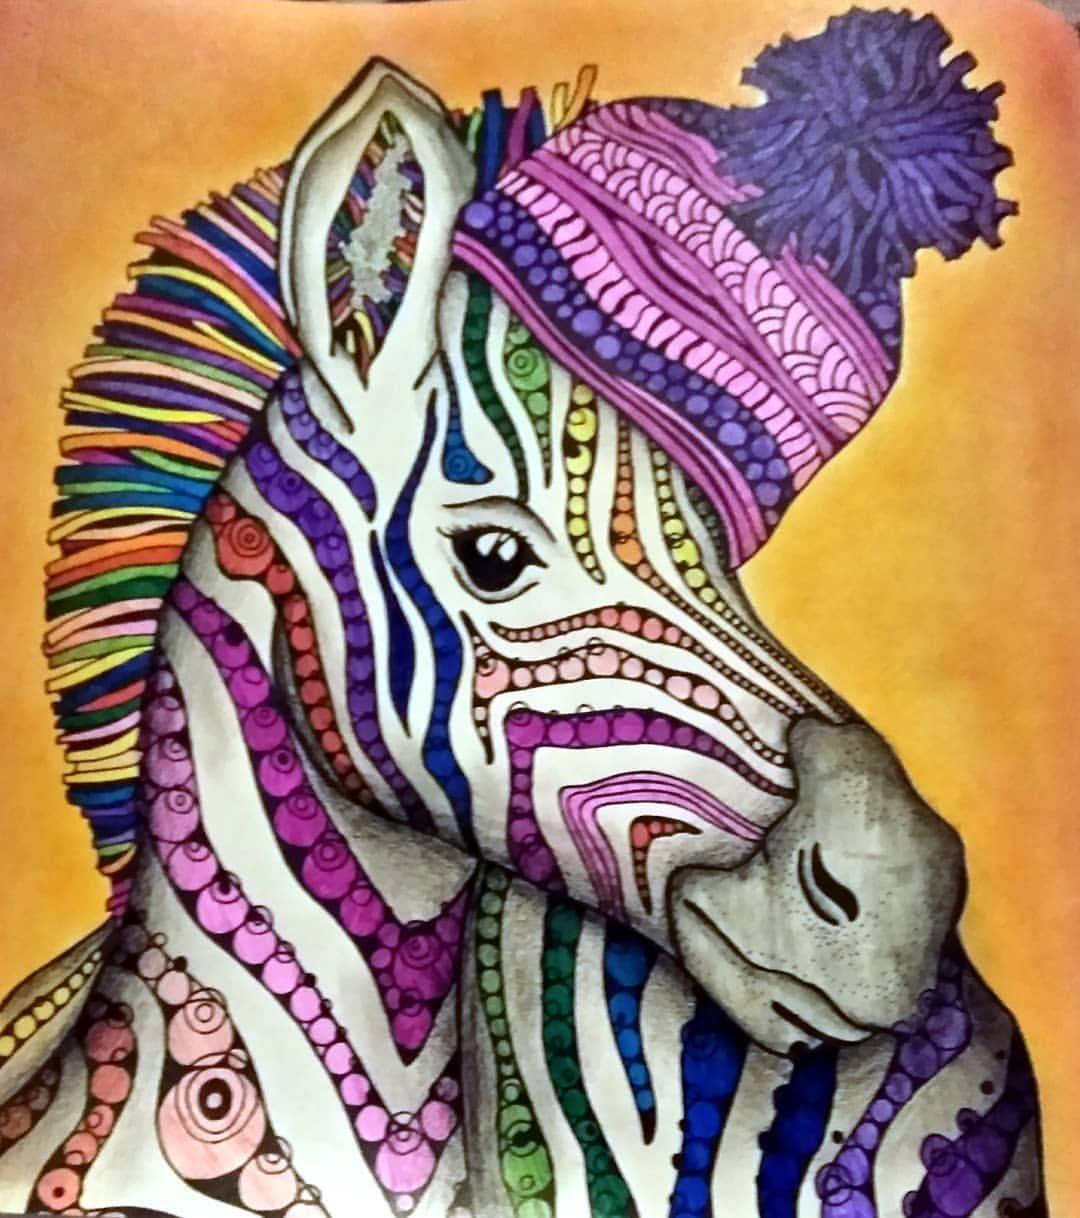 Wakai Aki Raskraskaantistress Samayauyutnayaraskraska Hyugge Zebra Poloski Shapka Udivitelnye Risunki Risunok Zhirafa Hudozhestvennye Idei